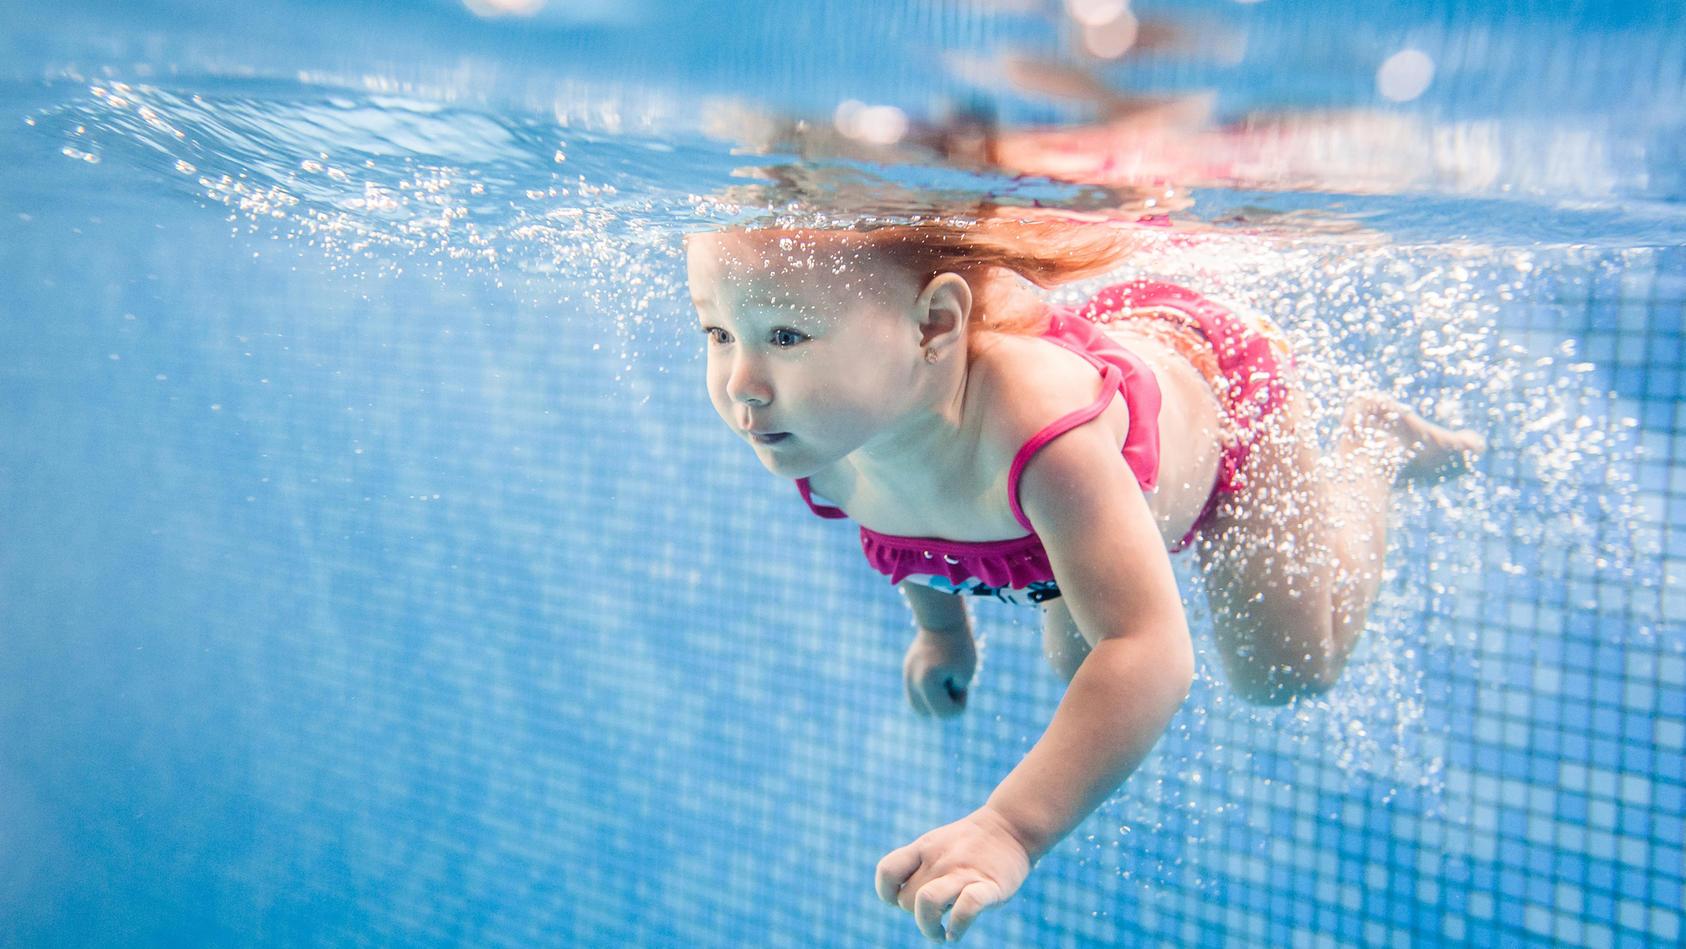 Kein Strampeln, keine Schreie: Ertrinken läuft - auch bei Kindern - meist völlig still ab.